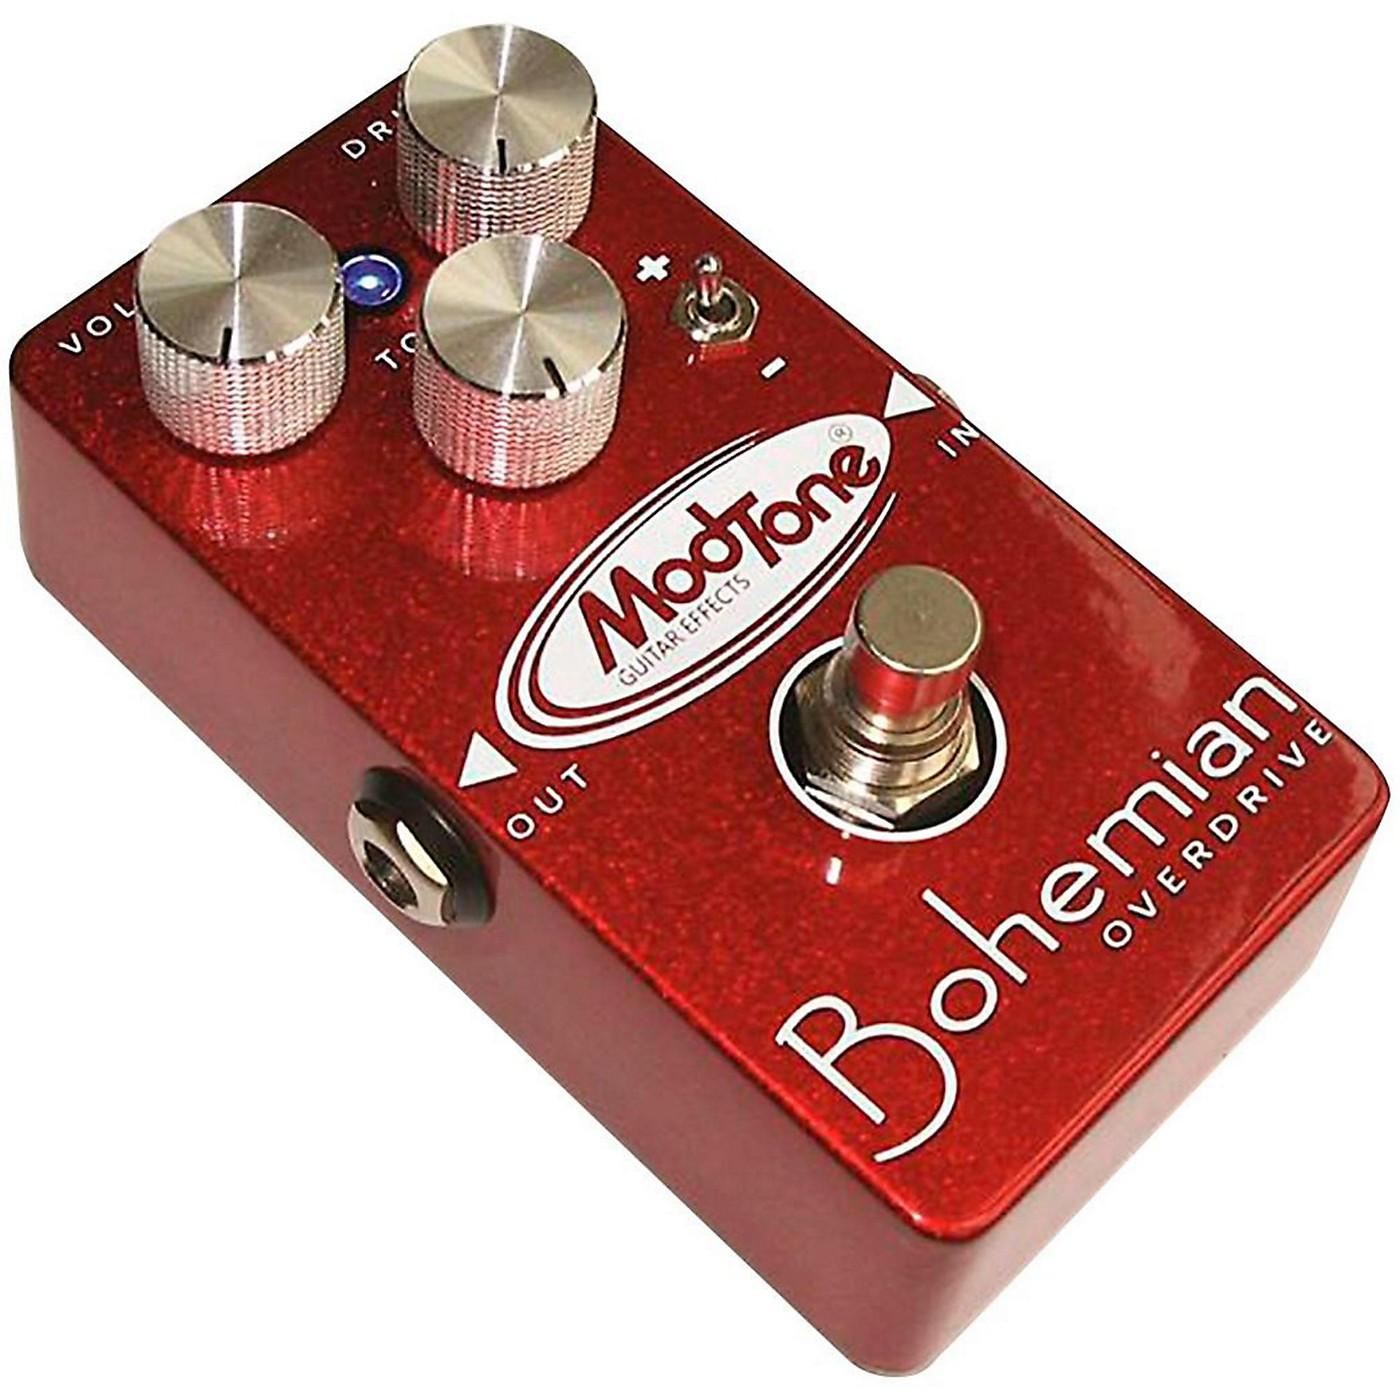 Modtone Bohemian Drive Guitar Effects Pedal thumbnail